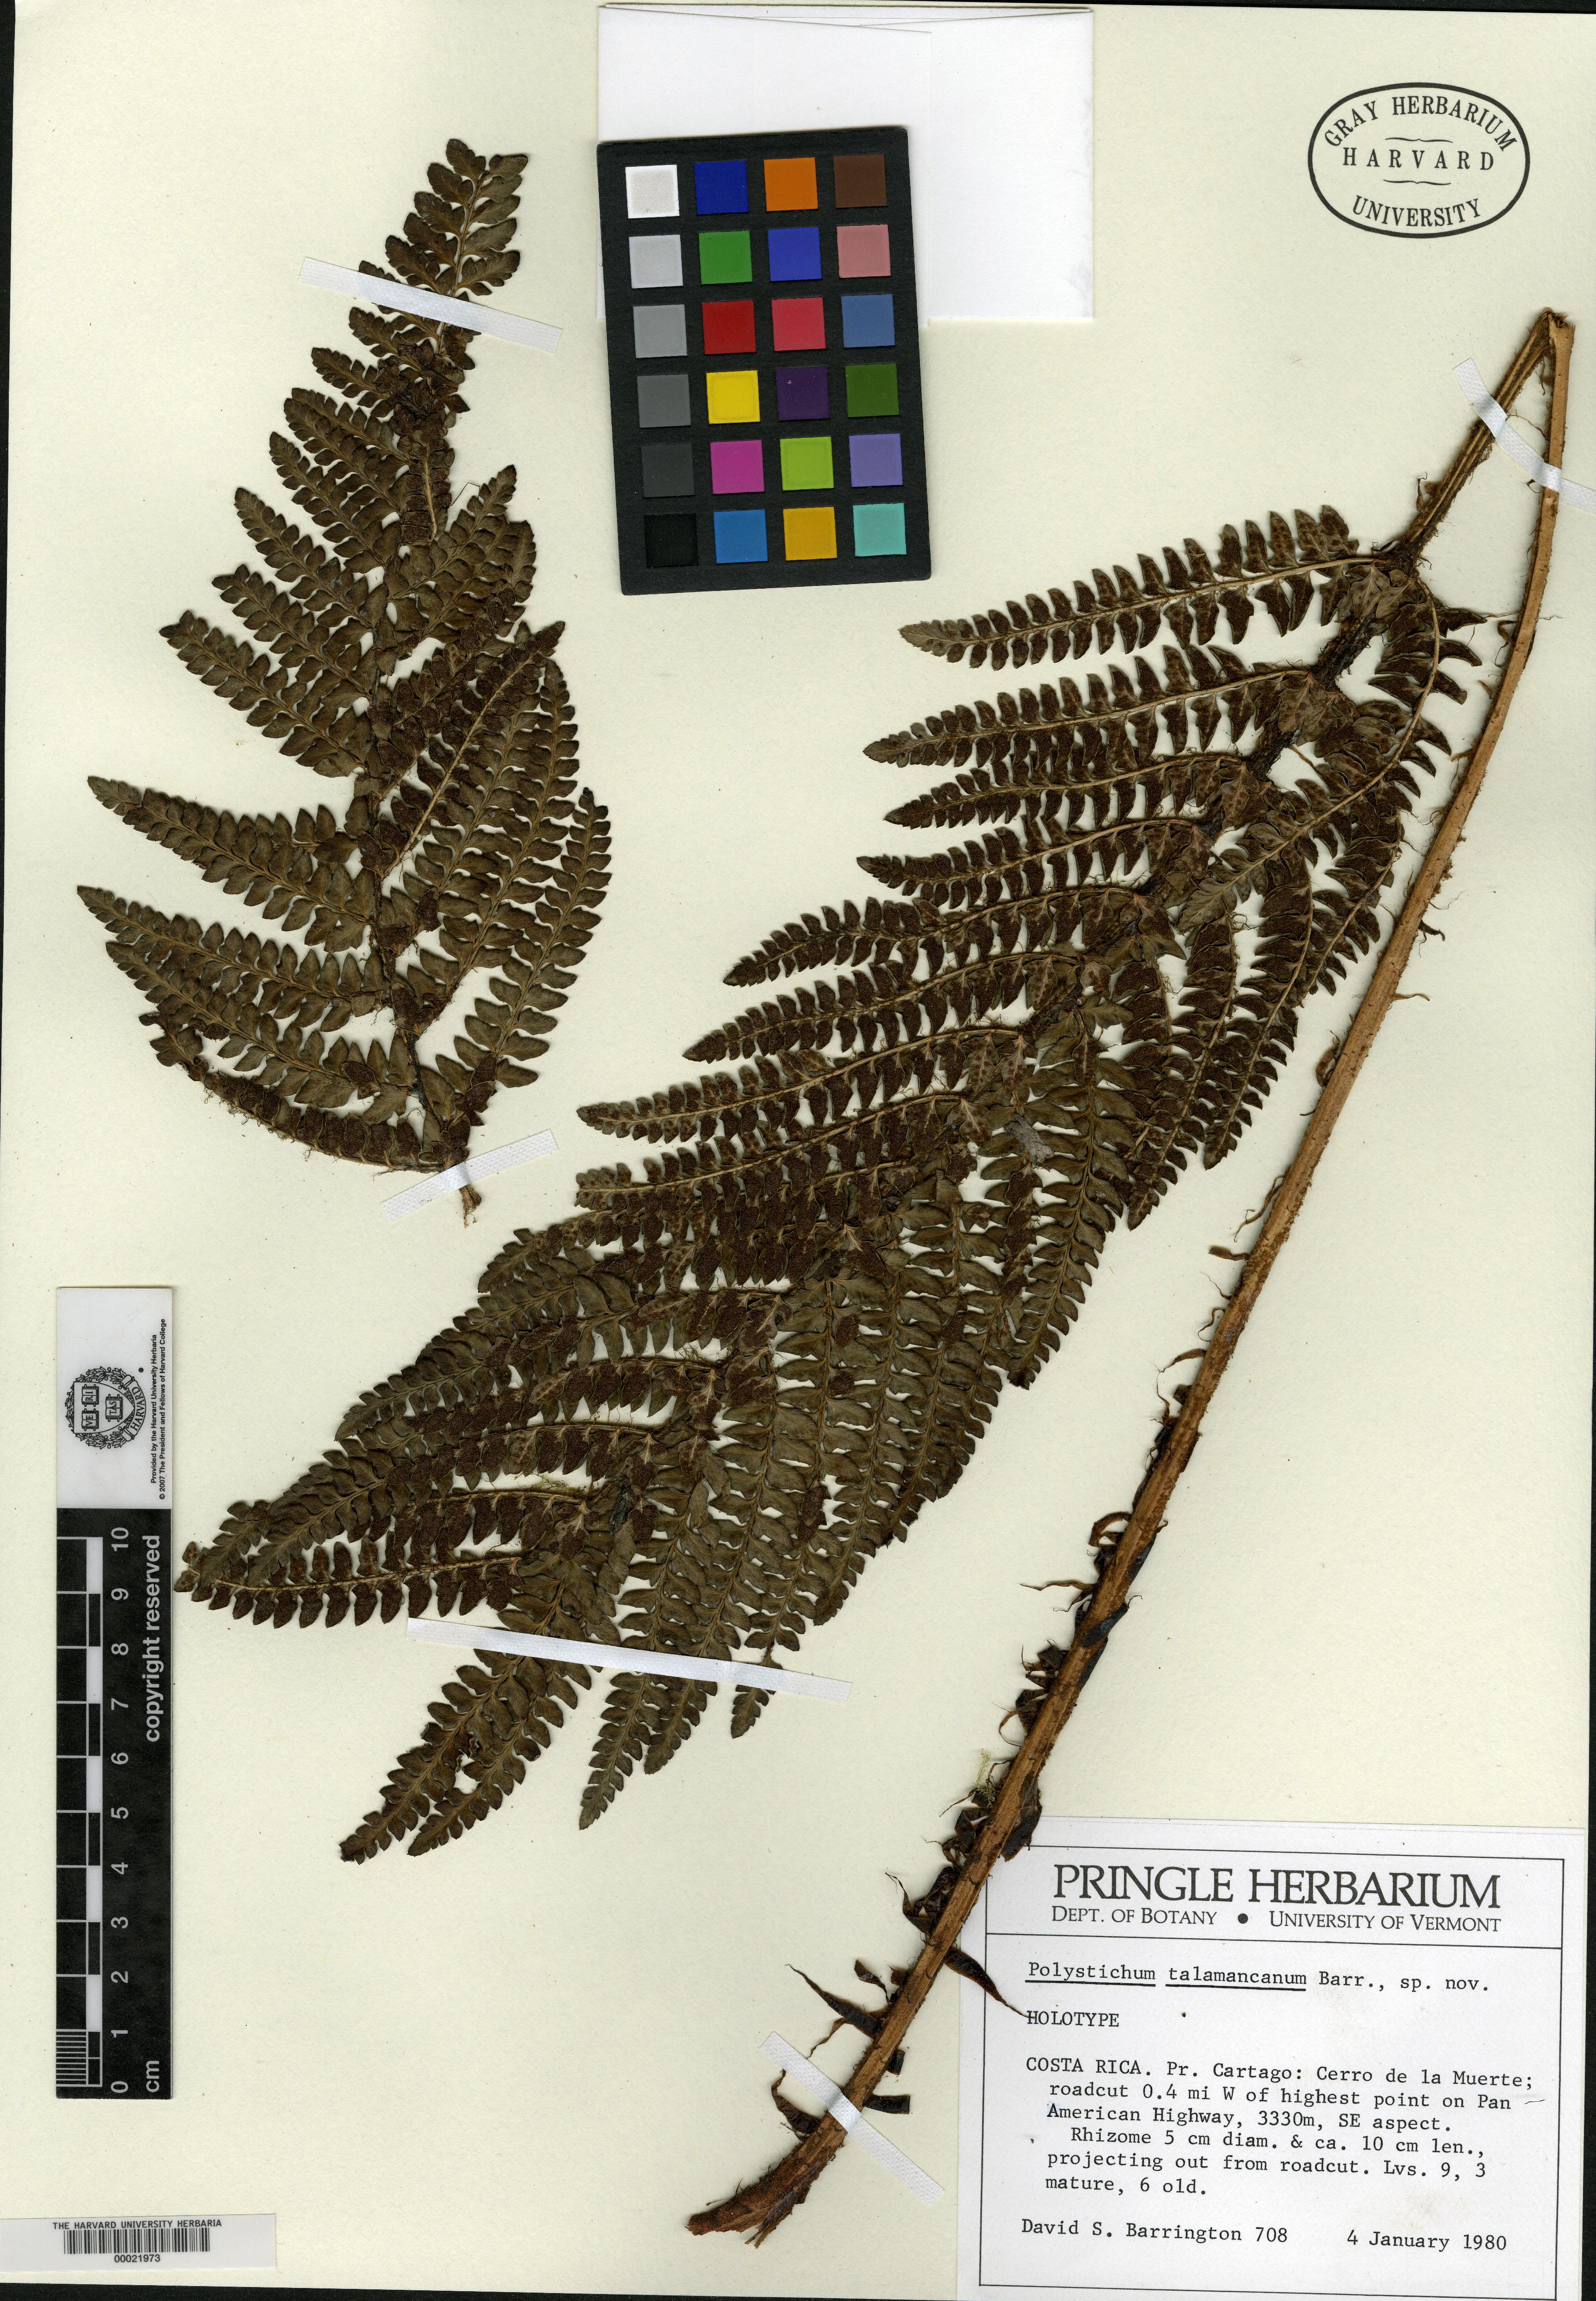 Polystichum talamancanum image